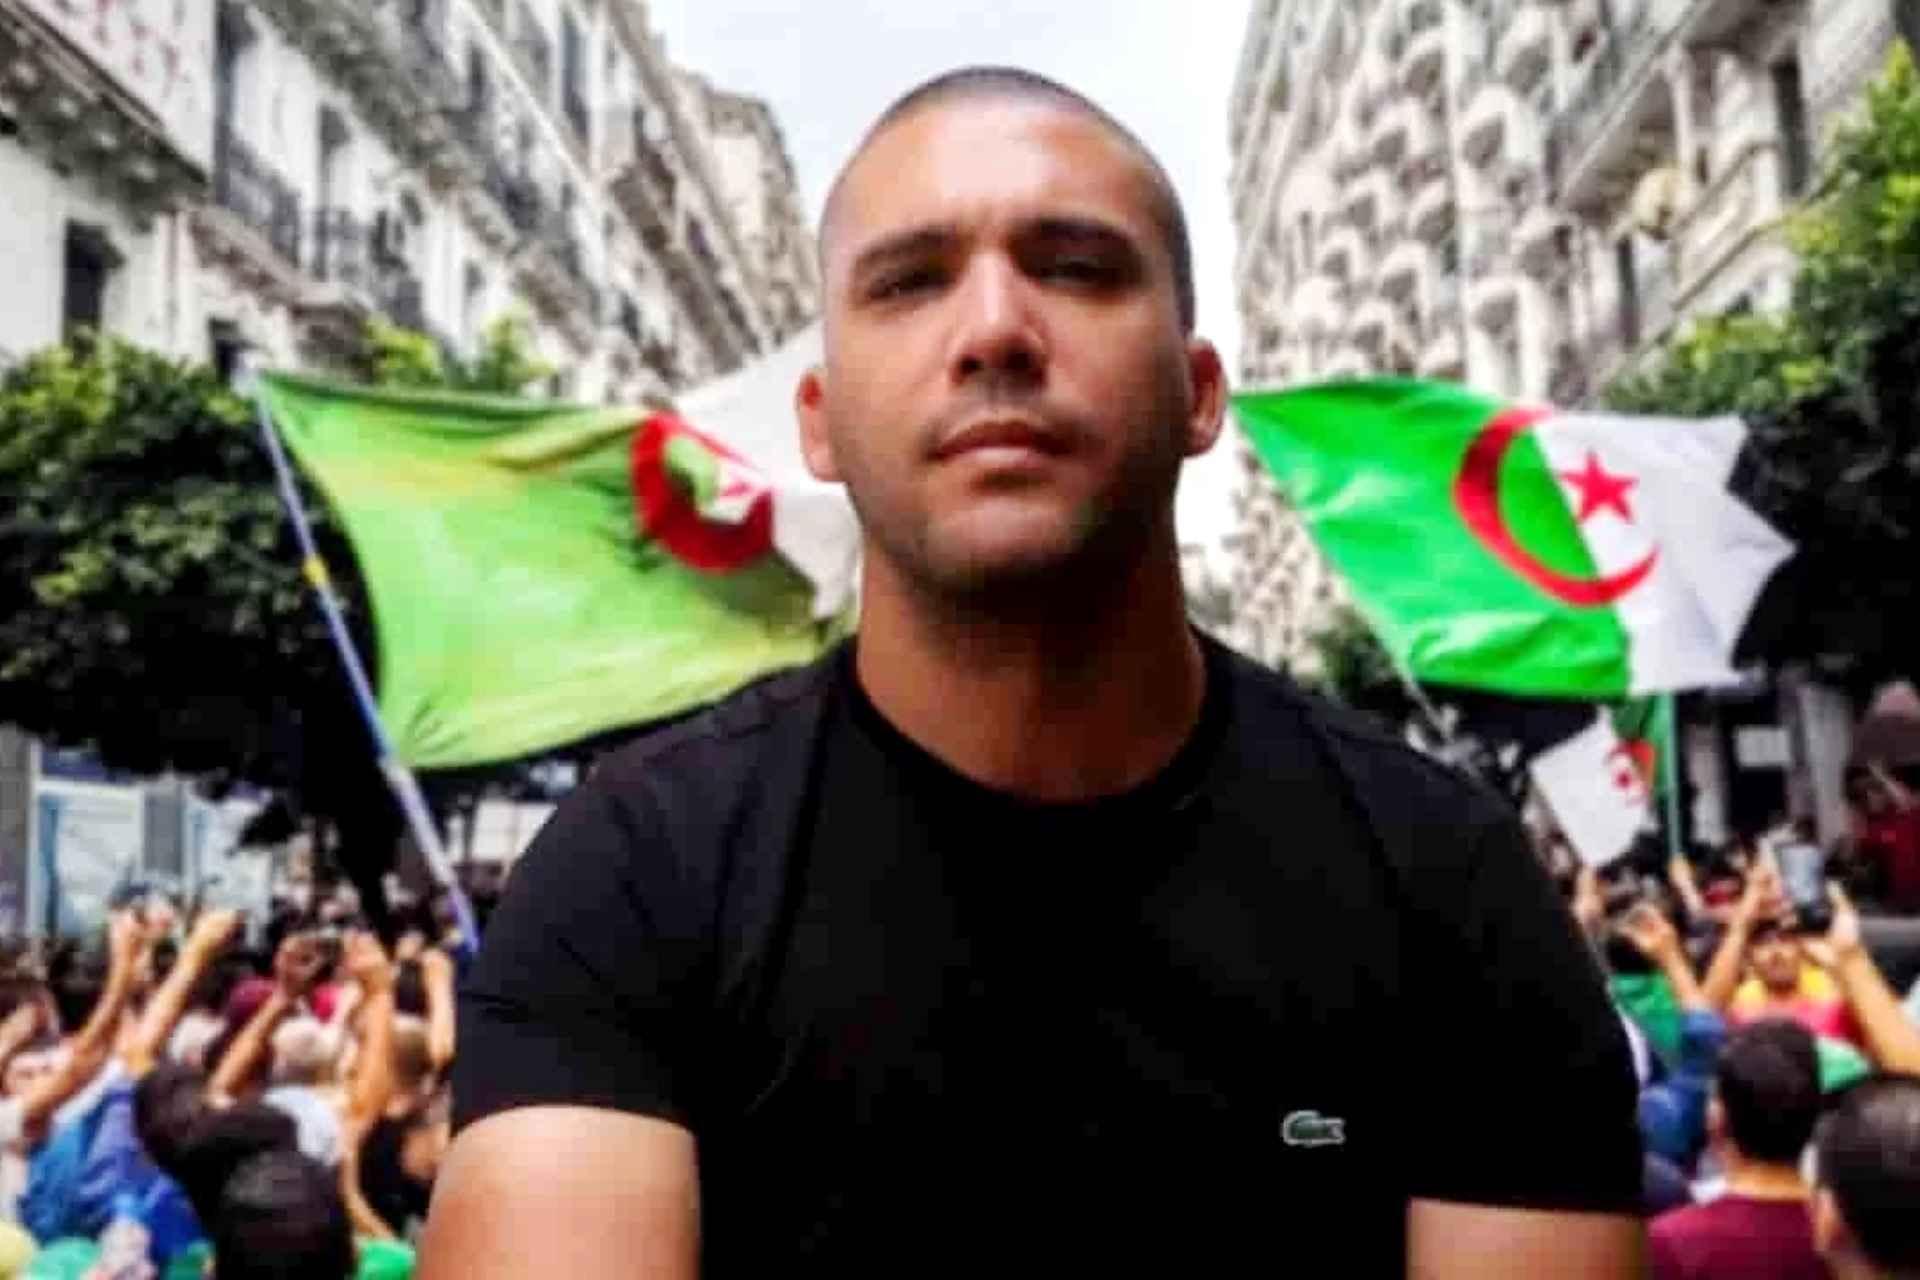 Algérie : La condamnation d'un journaliste à 3 ans de prison ferme irrite les observateurs.